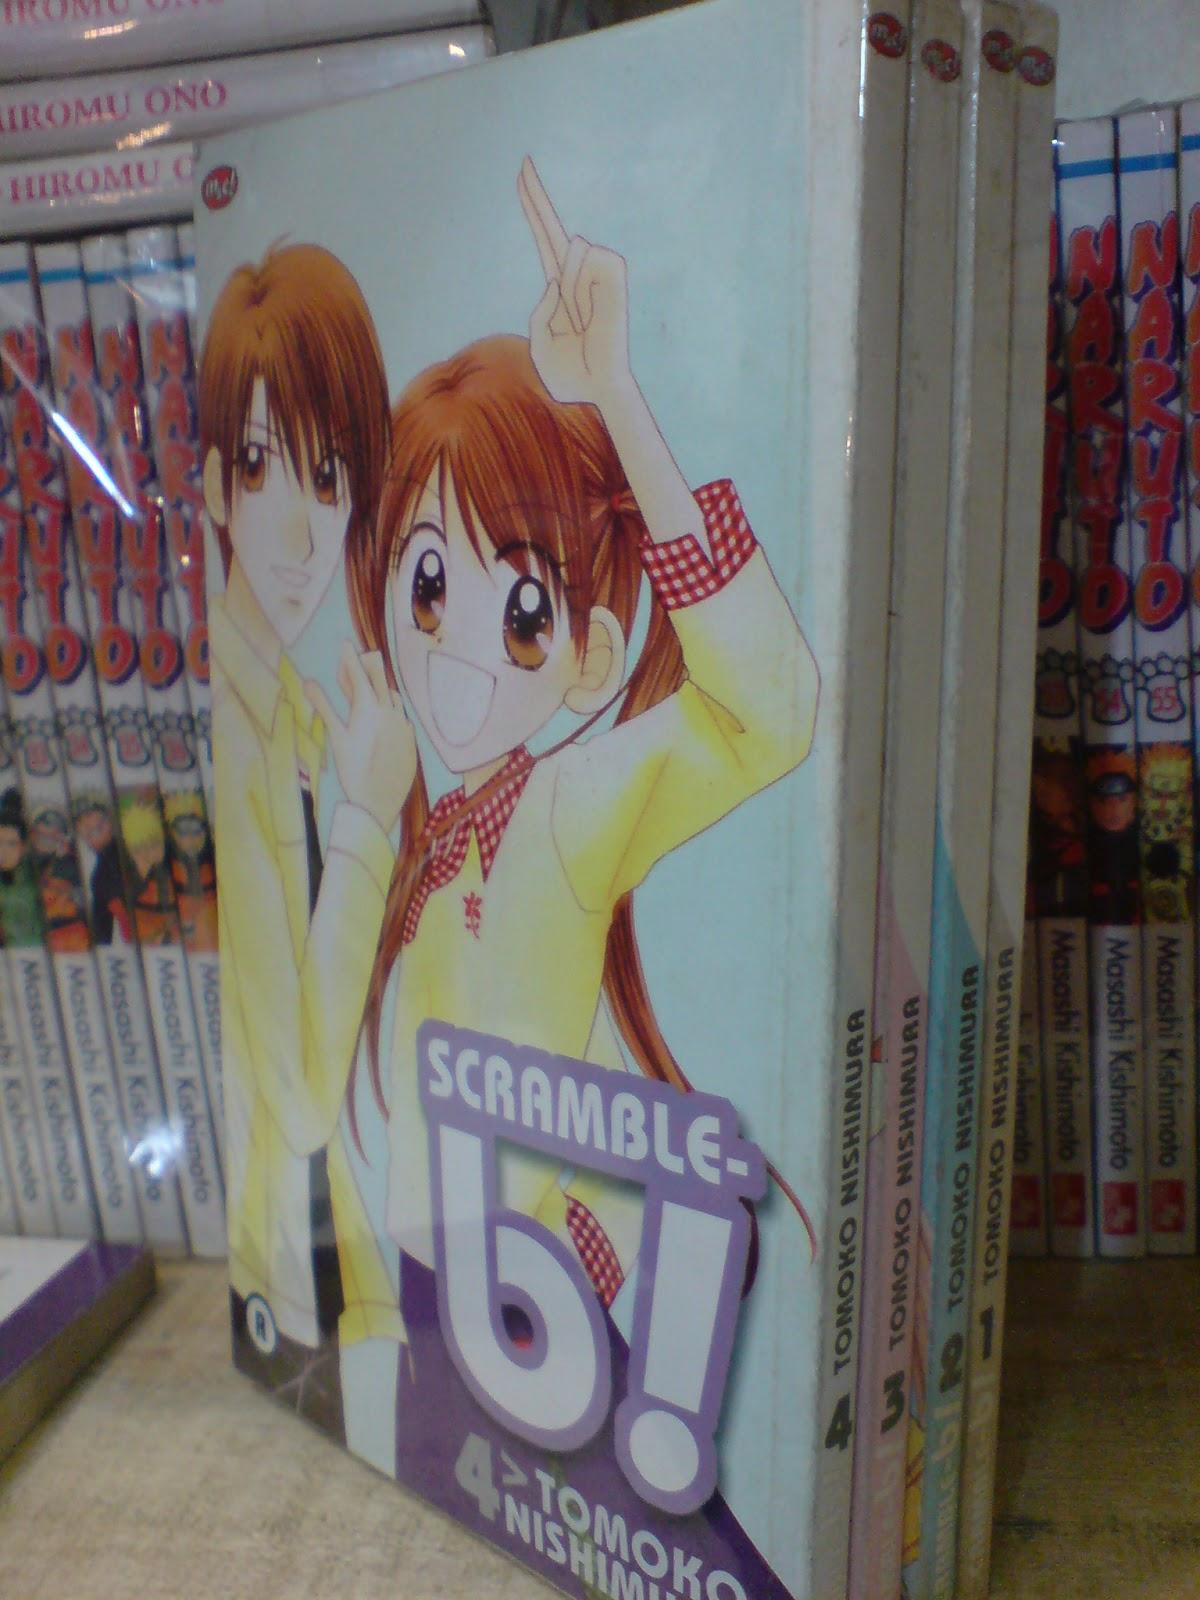 Komik Jepang Cewek Bekas Murah Scramble B 1 4